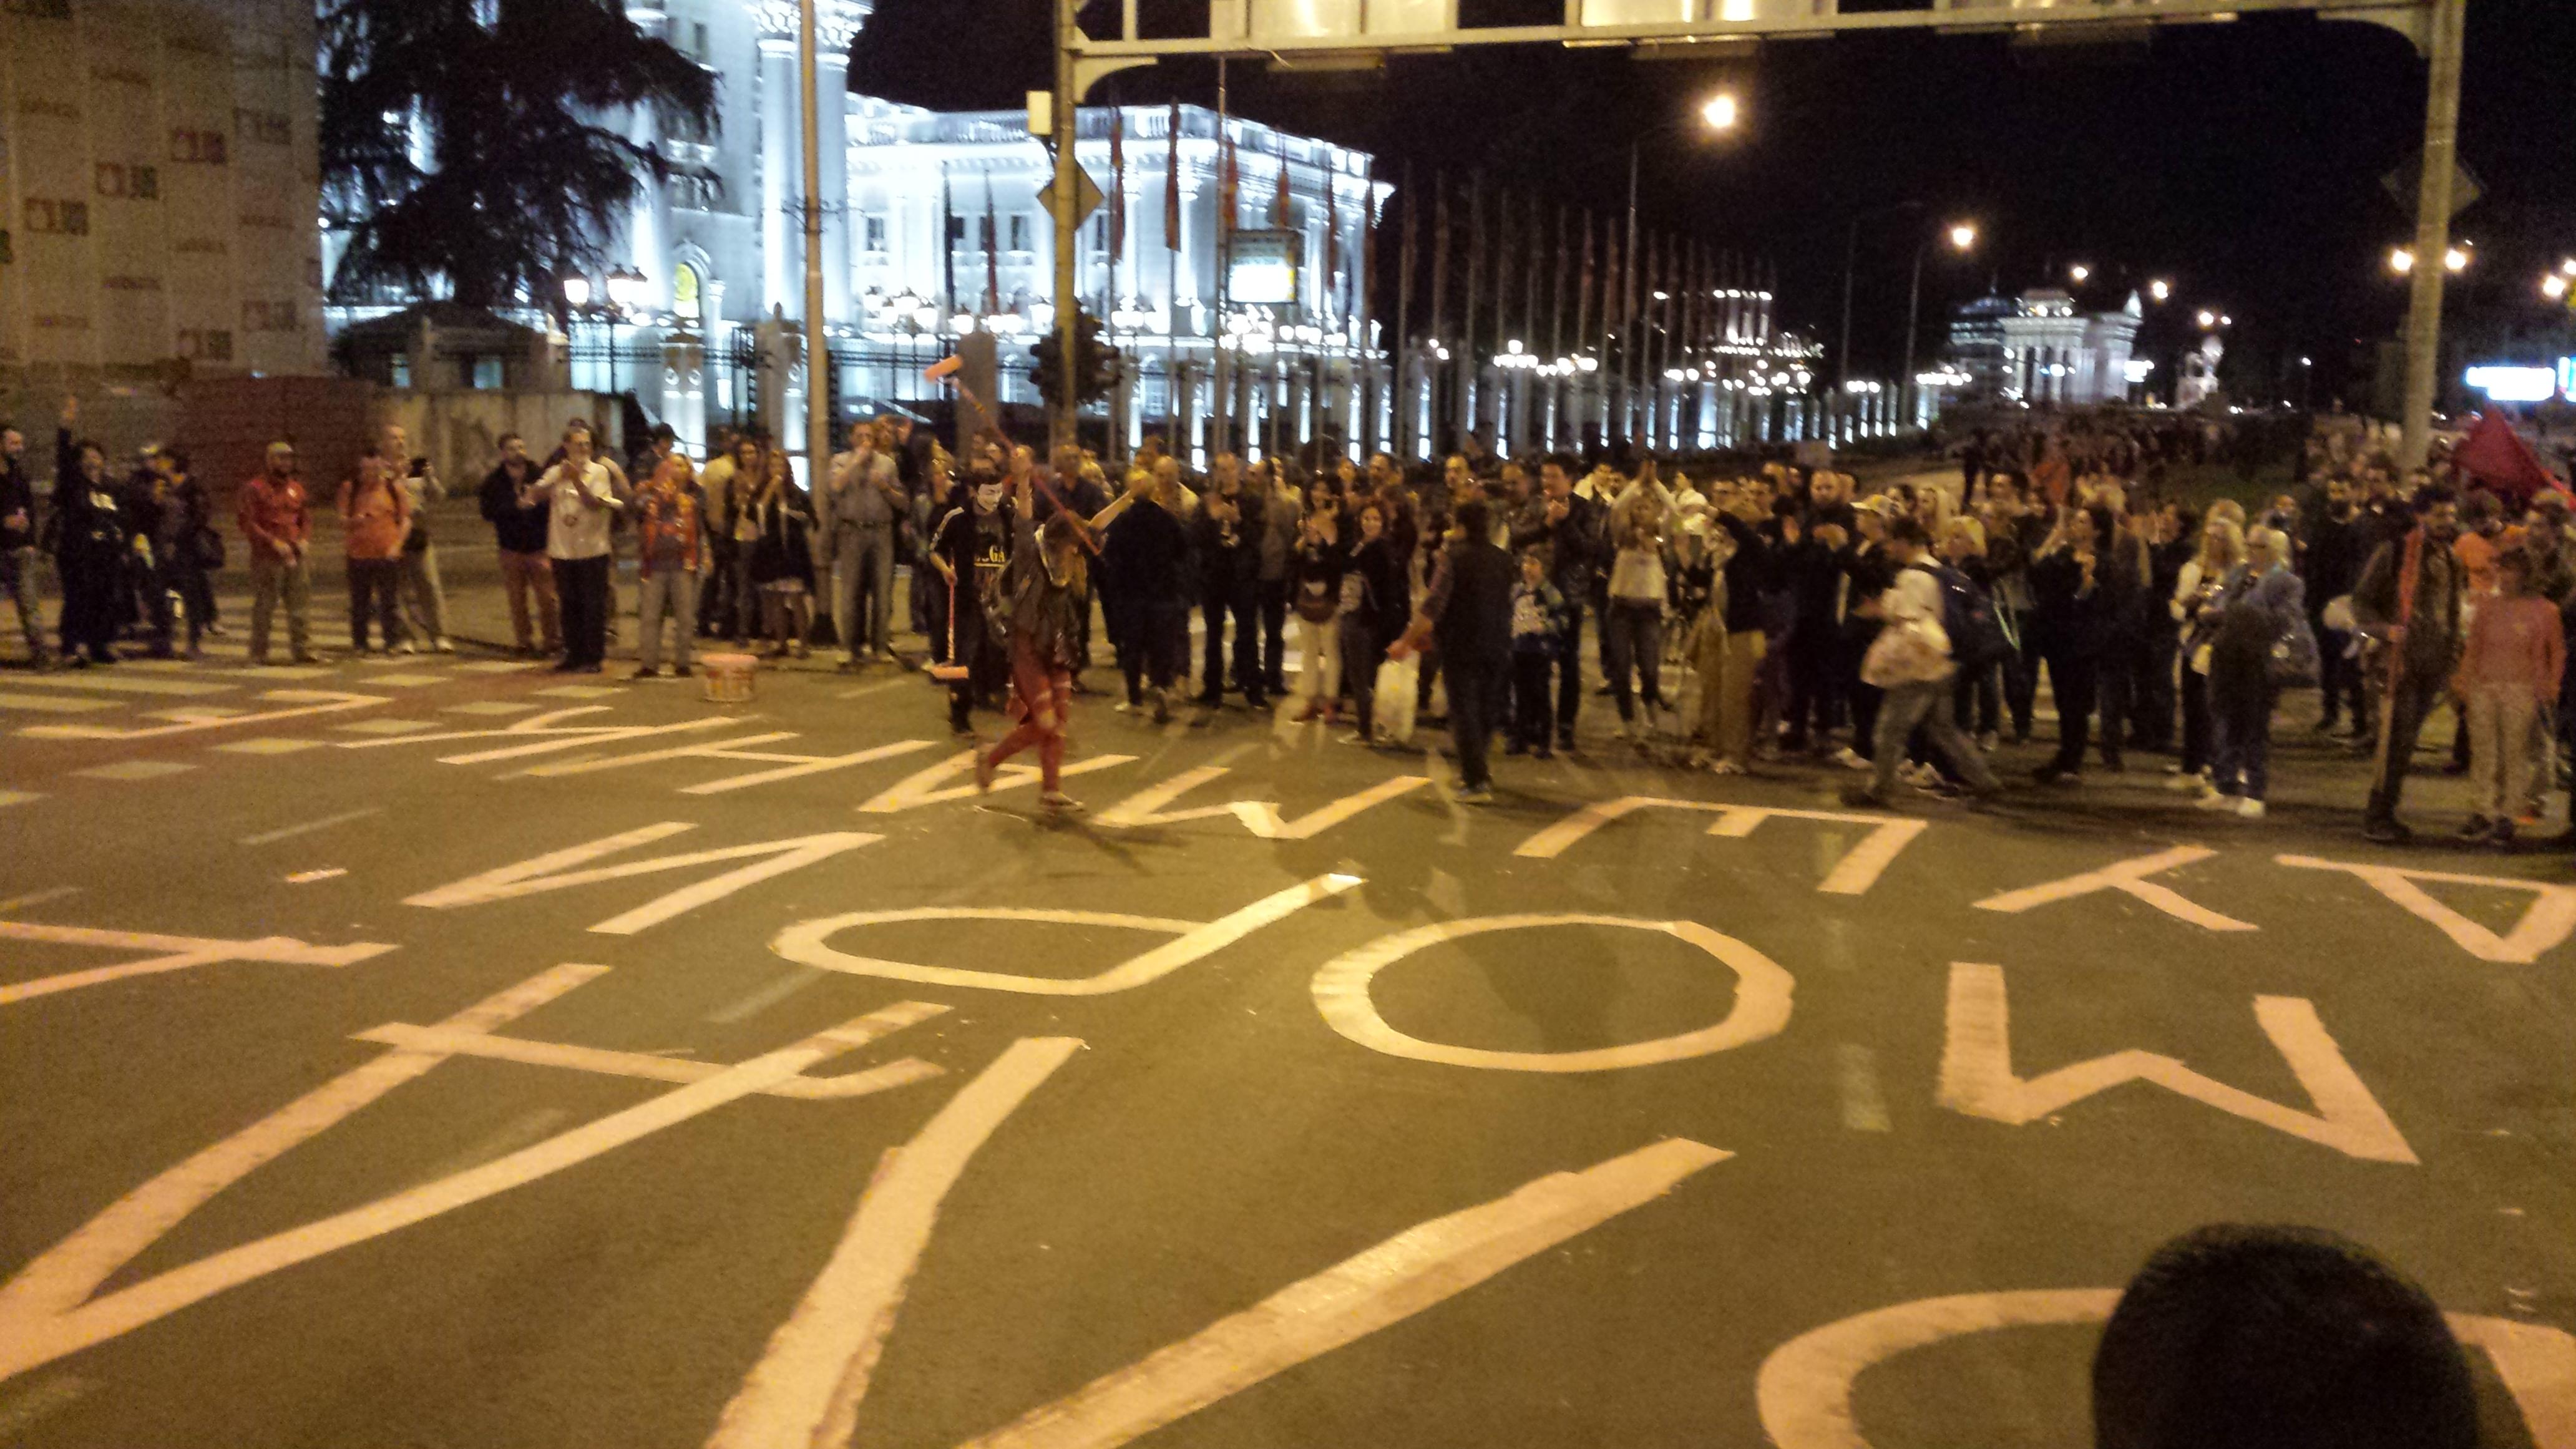 """На раскрсницата пред Владата е напишано """"Владо мори душманке"""". (Фото. СДК.МК)"""